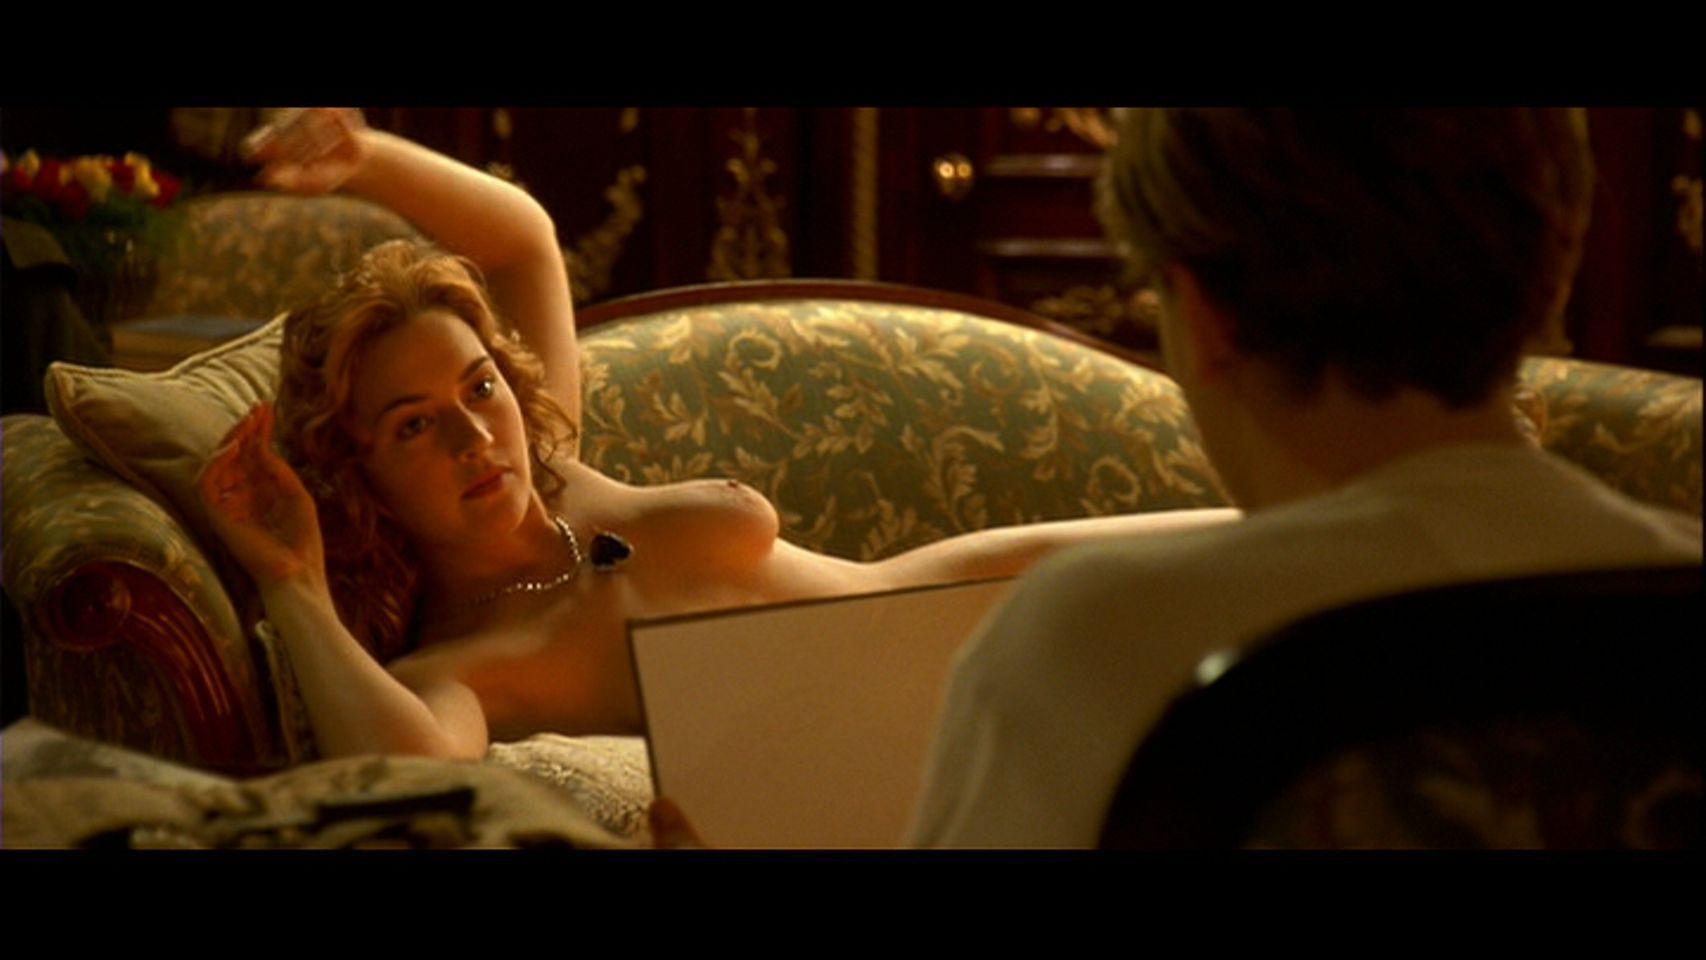 Richelle ryan - pornstar sex